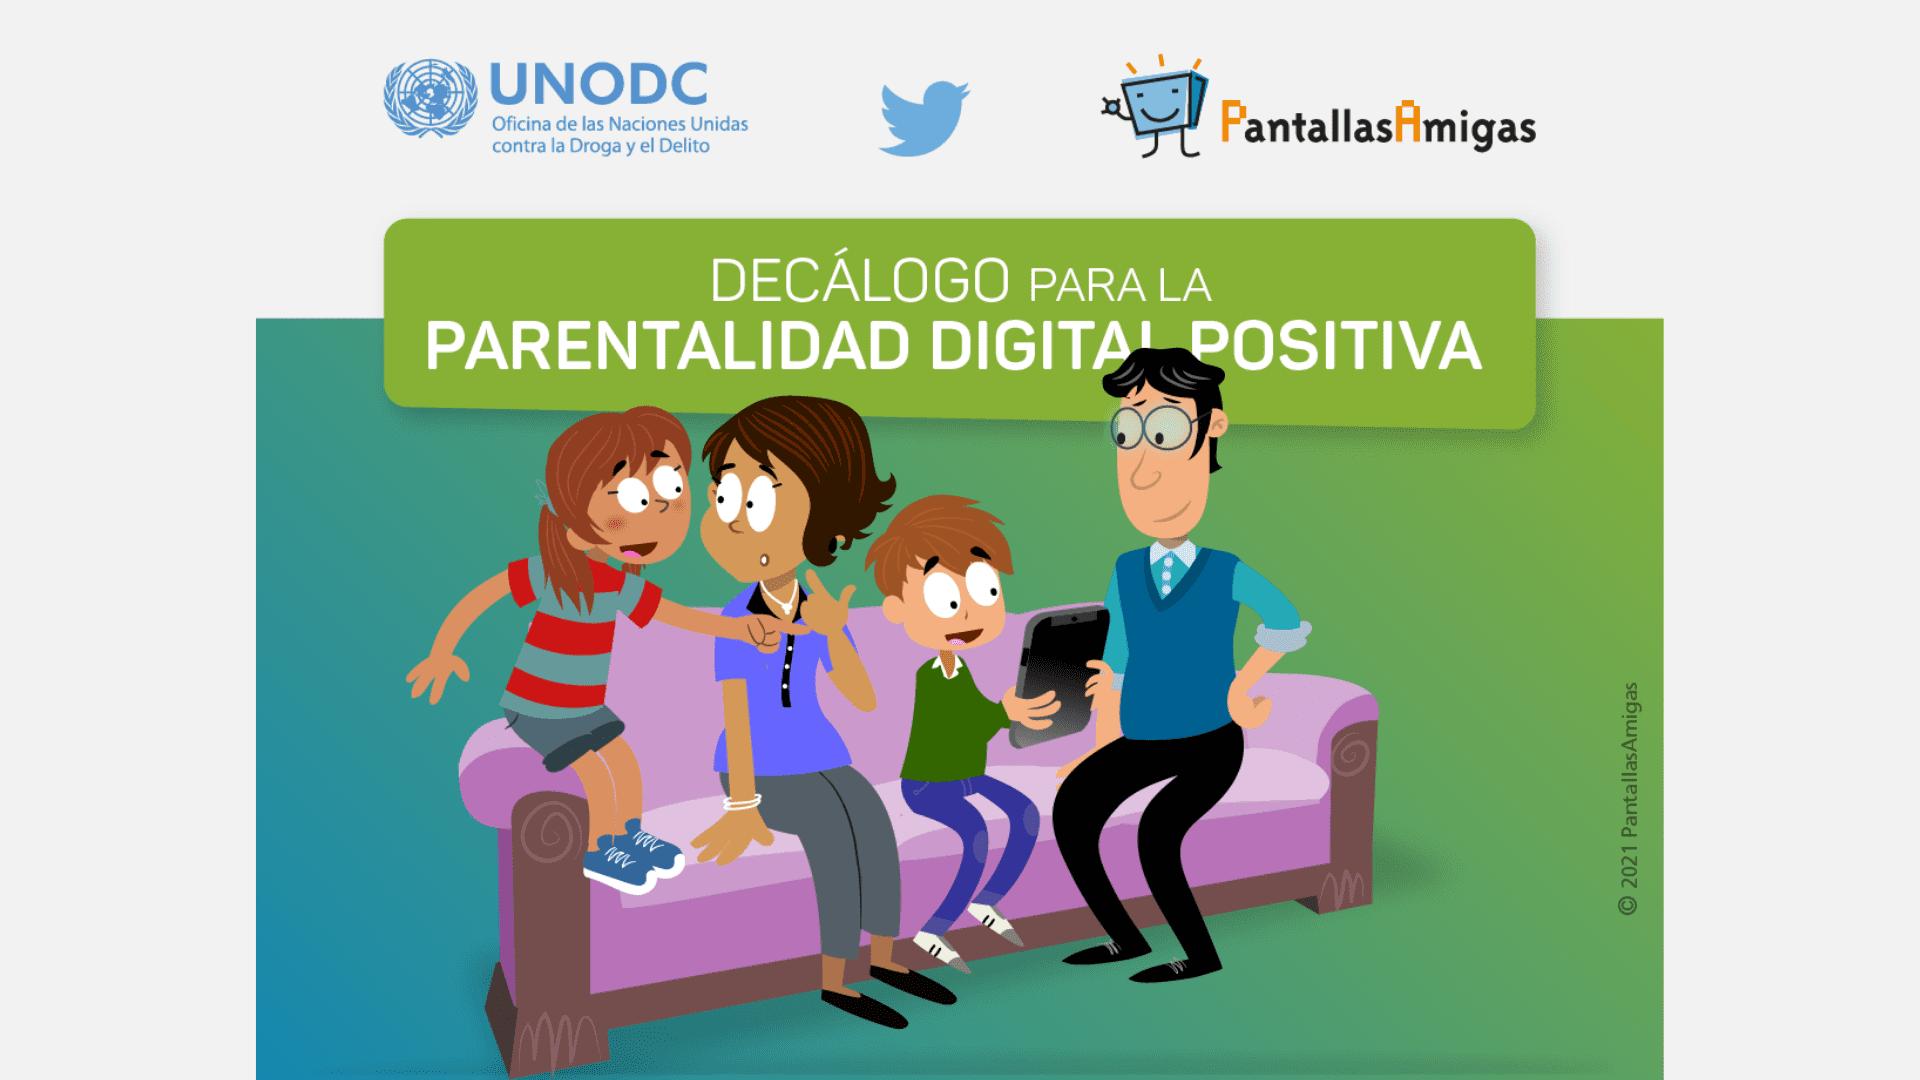 Decálogo para la parentalidad digital positiva